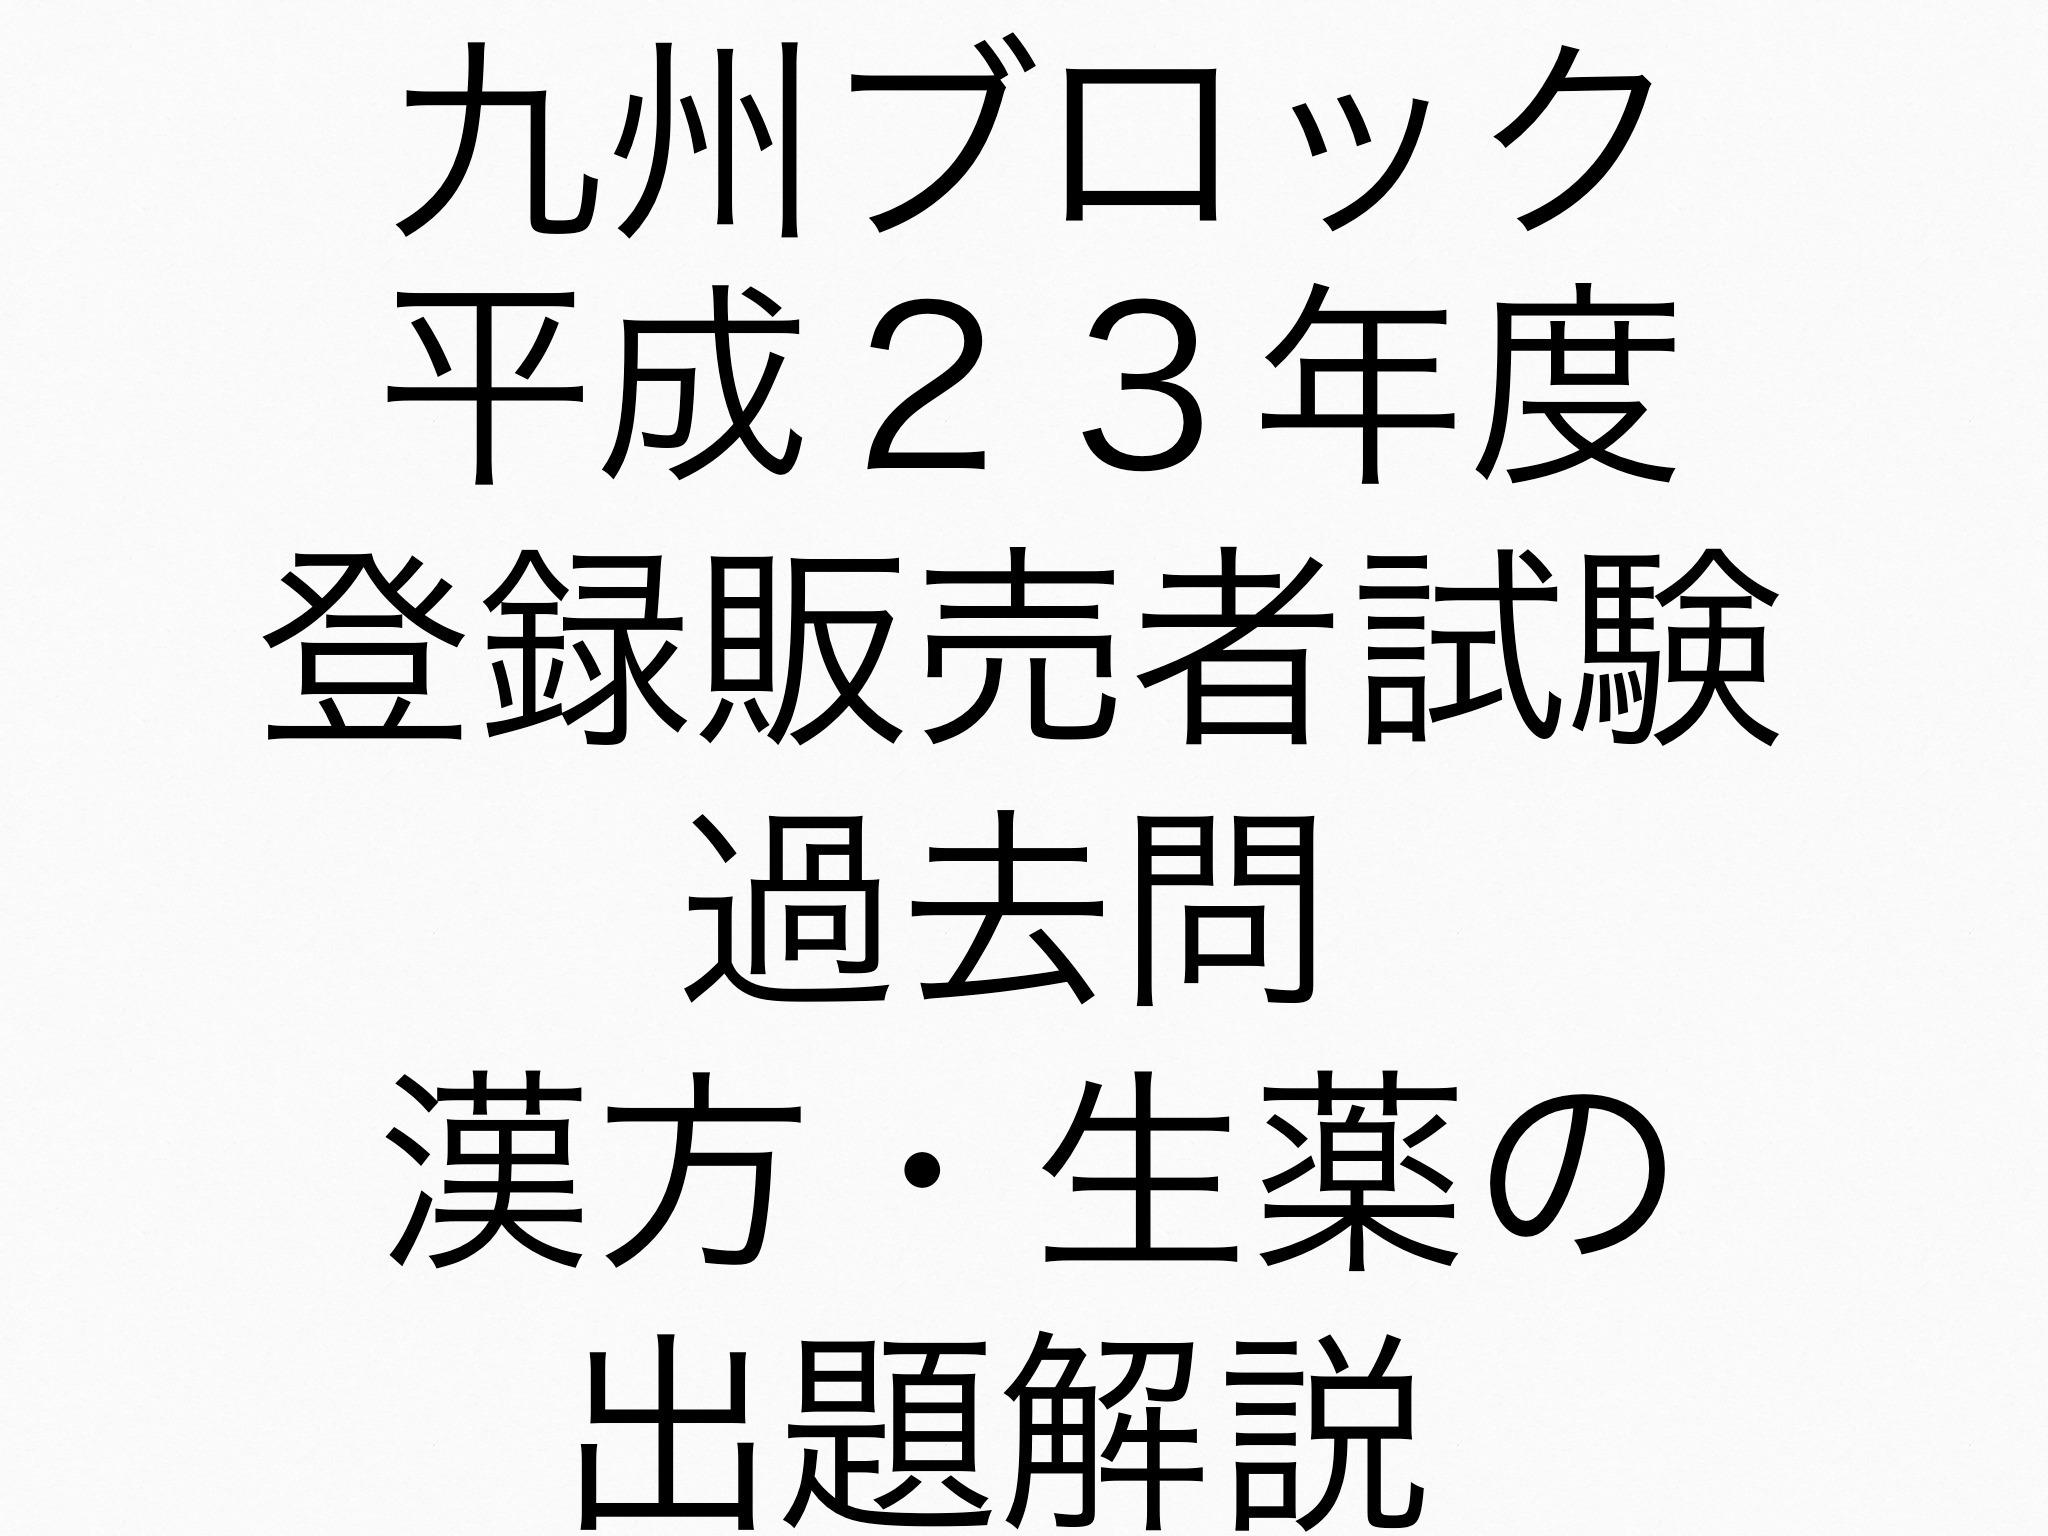 九州H23)登録販売者試験過去問 漢方・生薬の問題解説/出題傾向